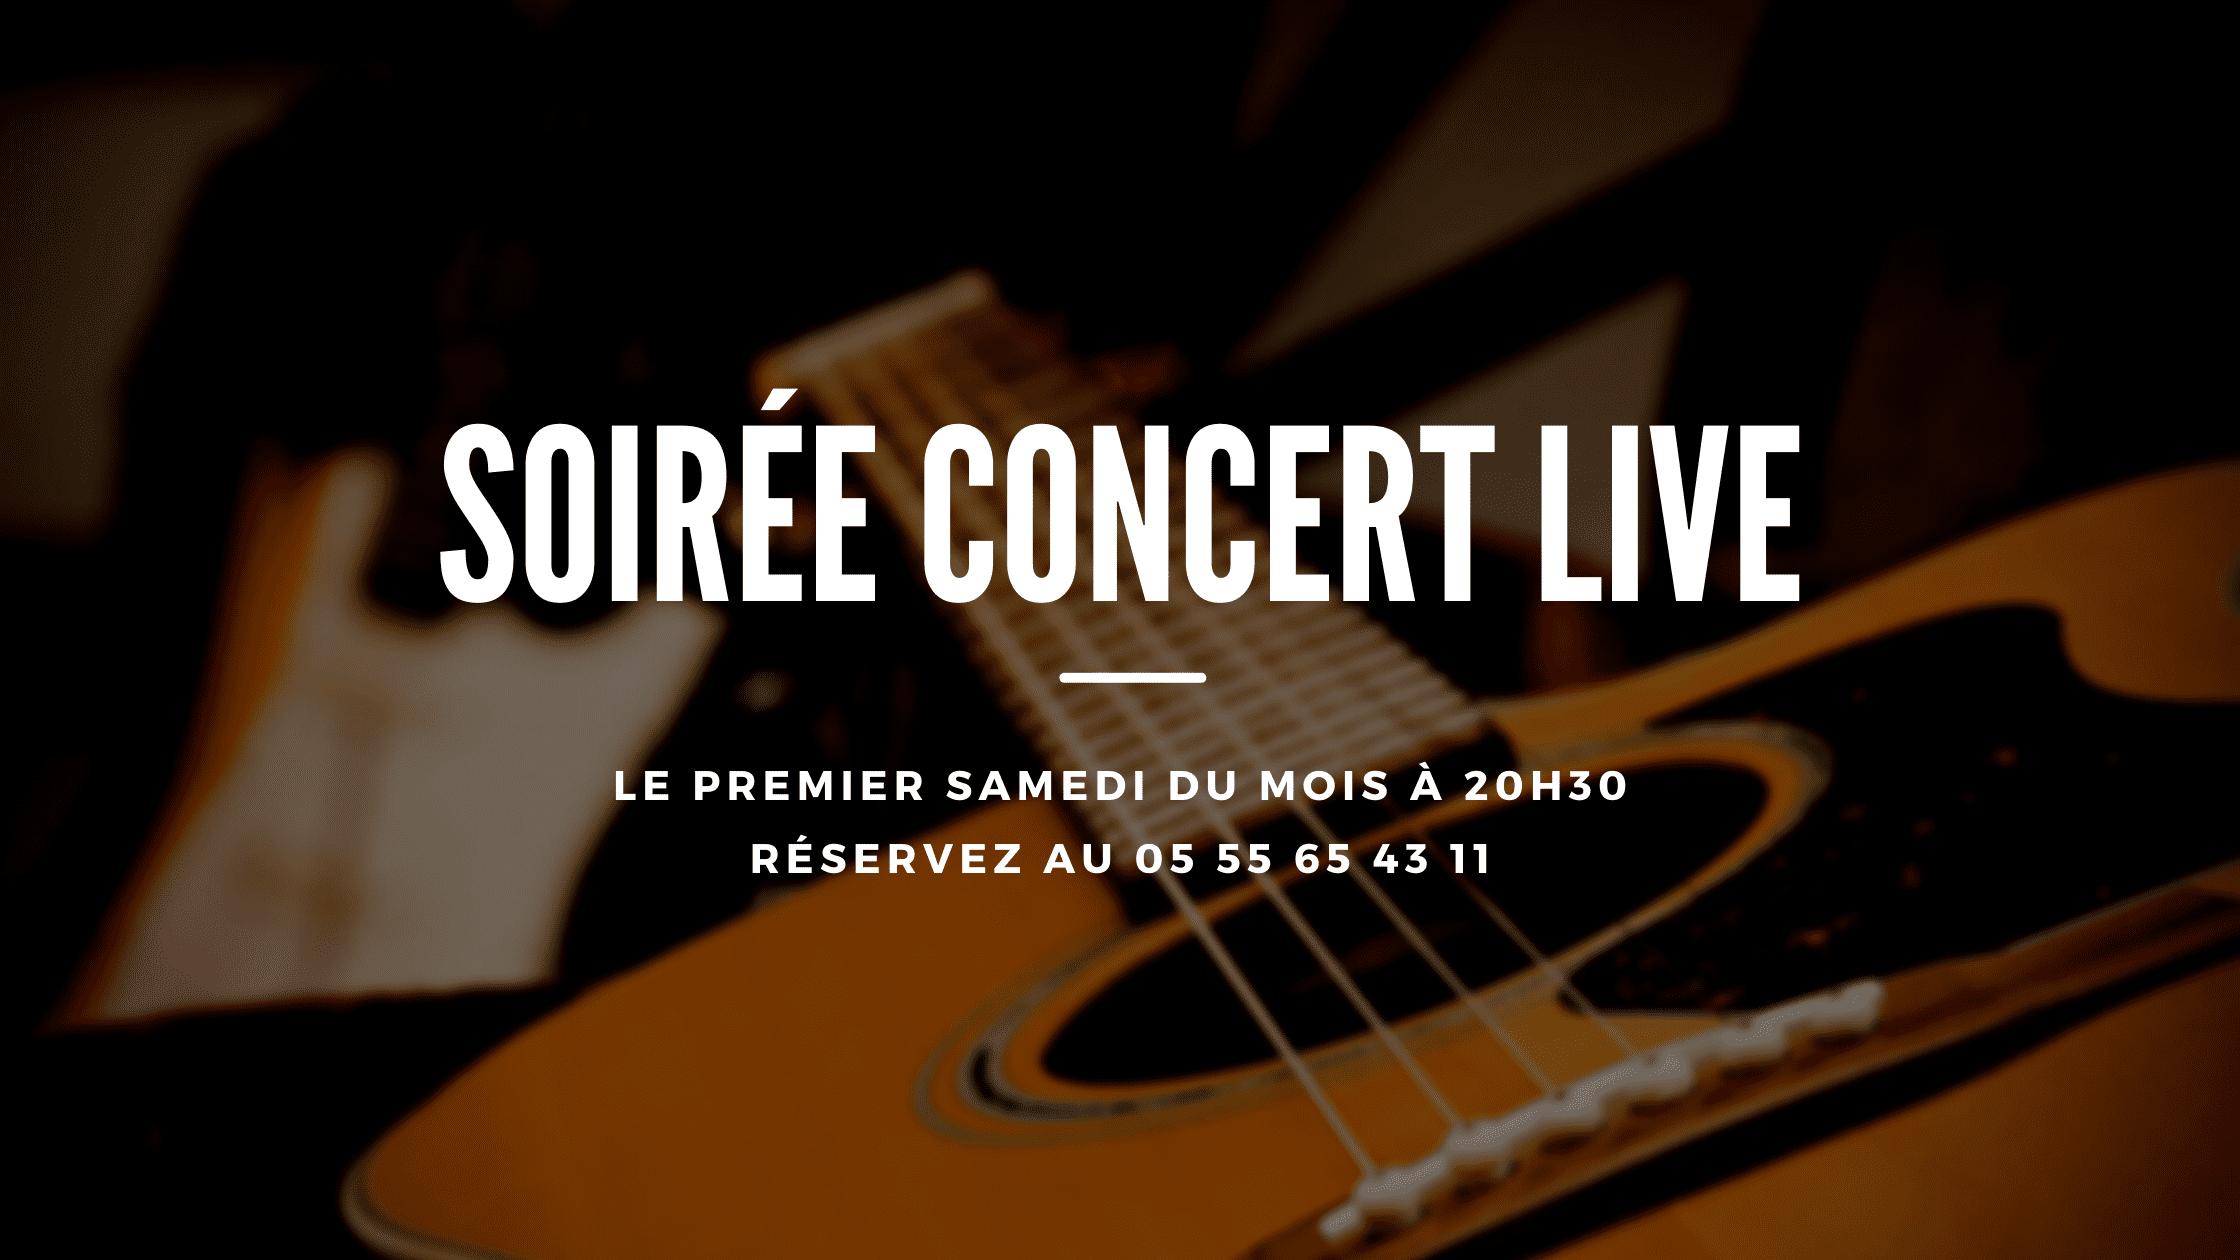 concert-de-musique-live-chalet-des-pierres-jaumatres-bar-restaurant-creuse-soiree-concert-musique-1